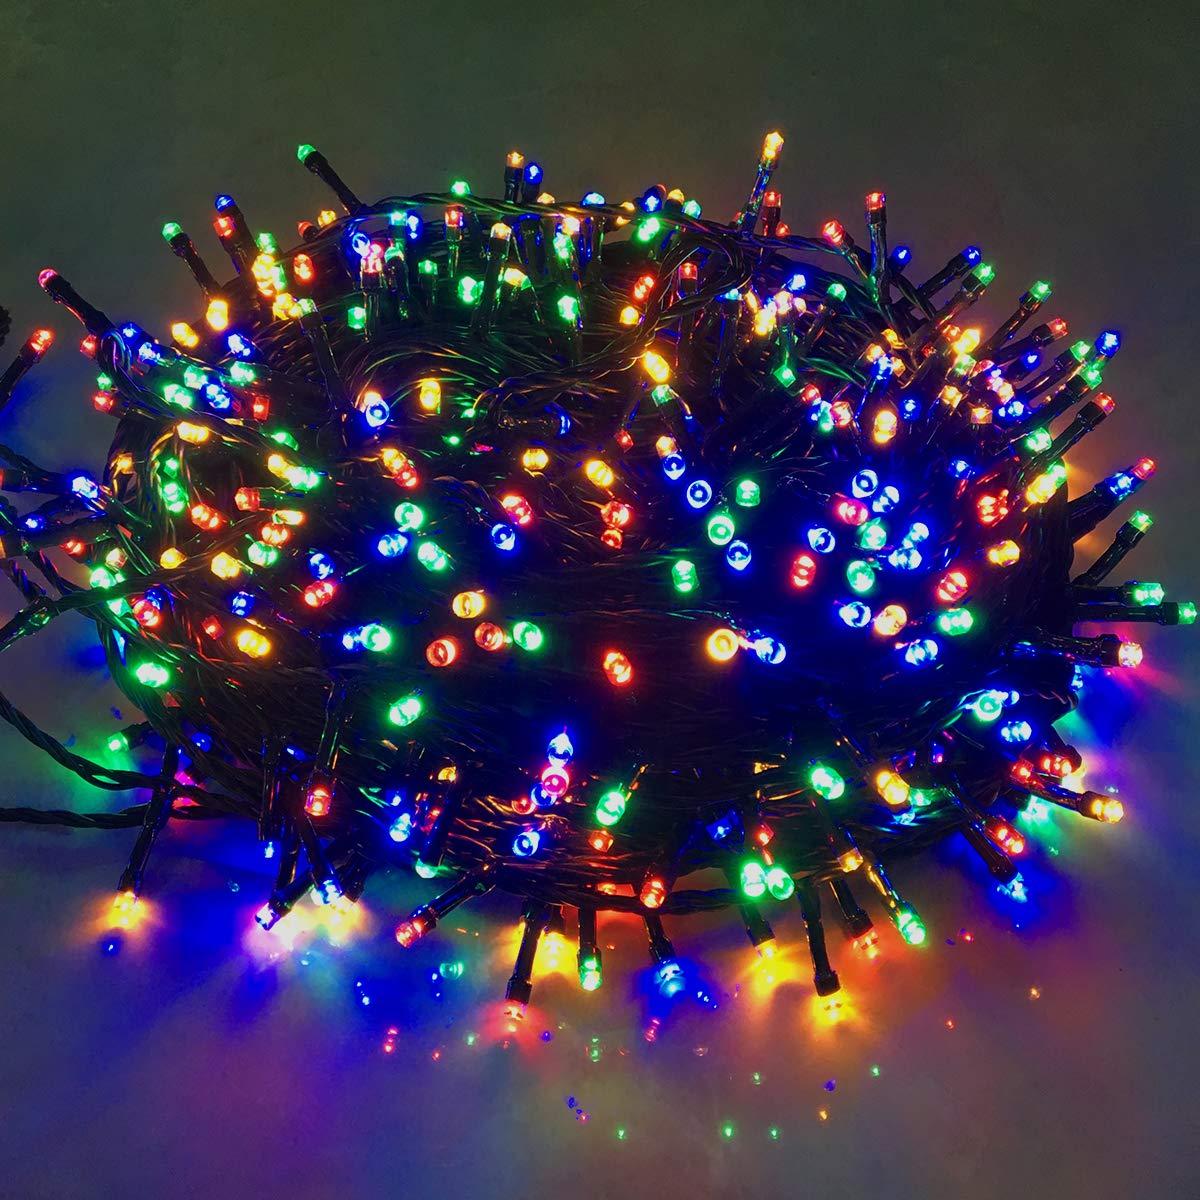 HENGMEI LED Lichterkette Lichterkette Lichterkette Lichterwand Lichtervorhang 8 Leuchtmodi IP44 Wasserfest Innen Außen für zimmer Dekor, Weihnachten, Halloween (Bunt, 100m) B07JZ3Y2PP Lichterketten 52d890